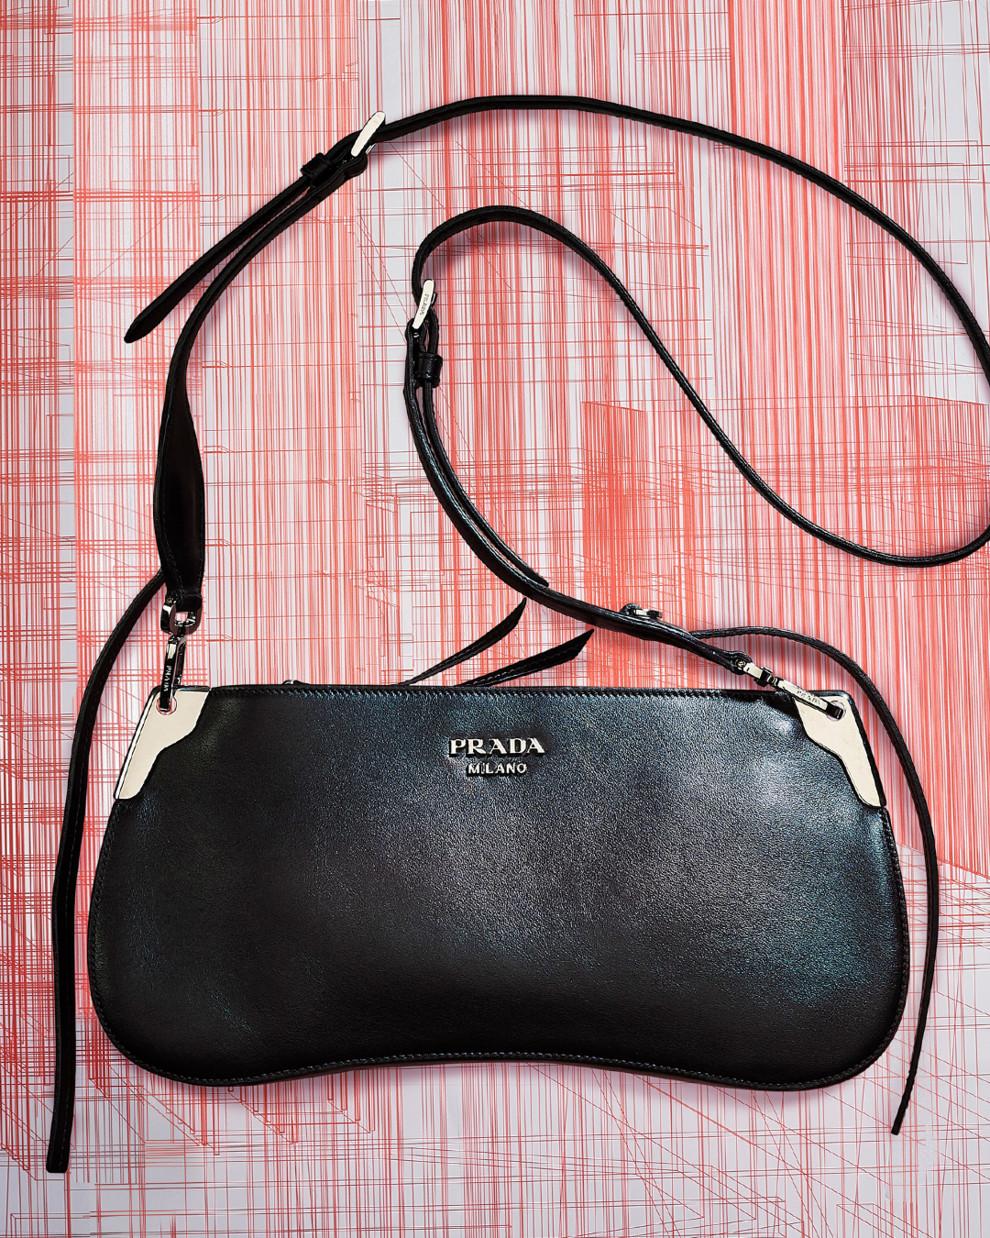 da486eff2fcd Иногда они возвращаются: культовые сумки модных домов | Vogue ...